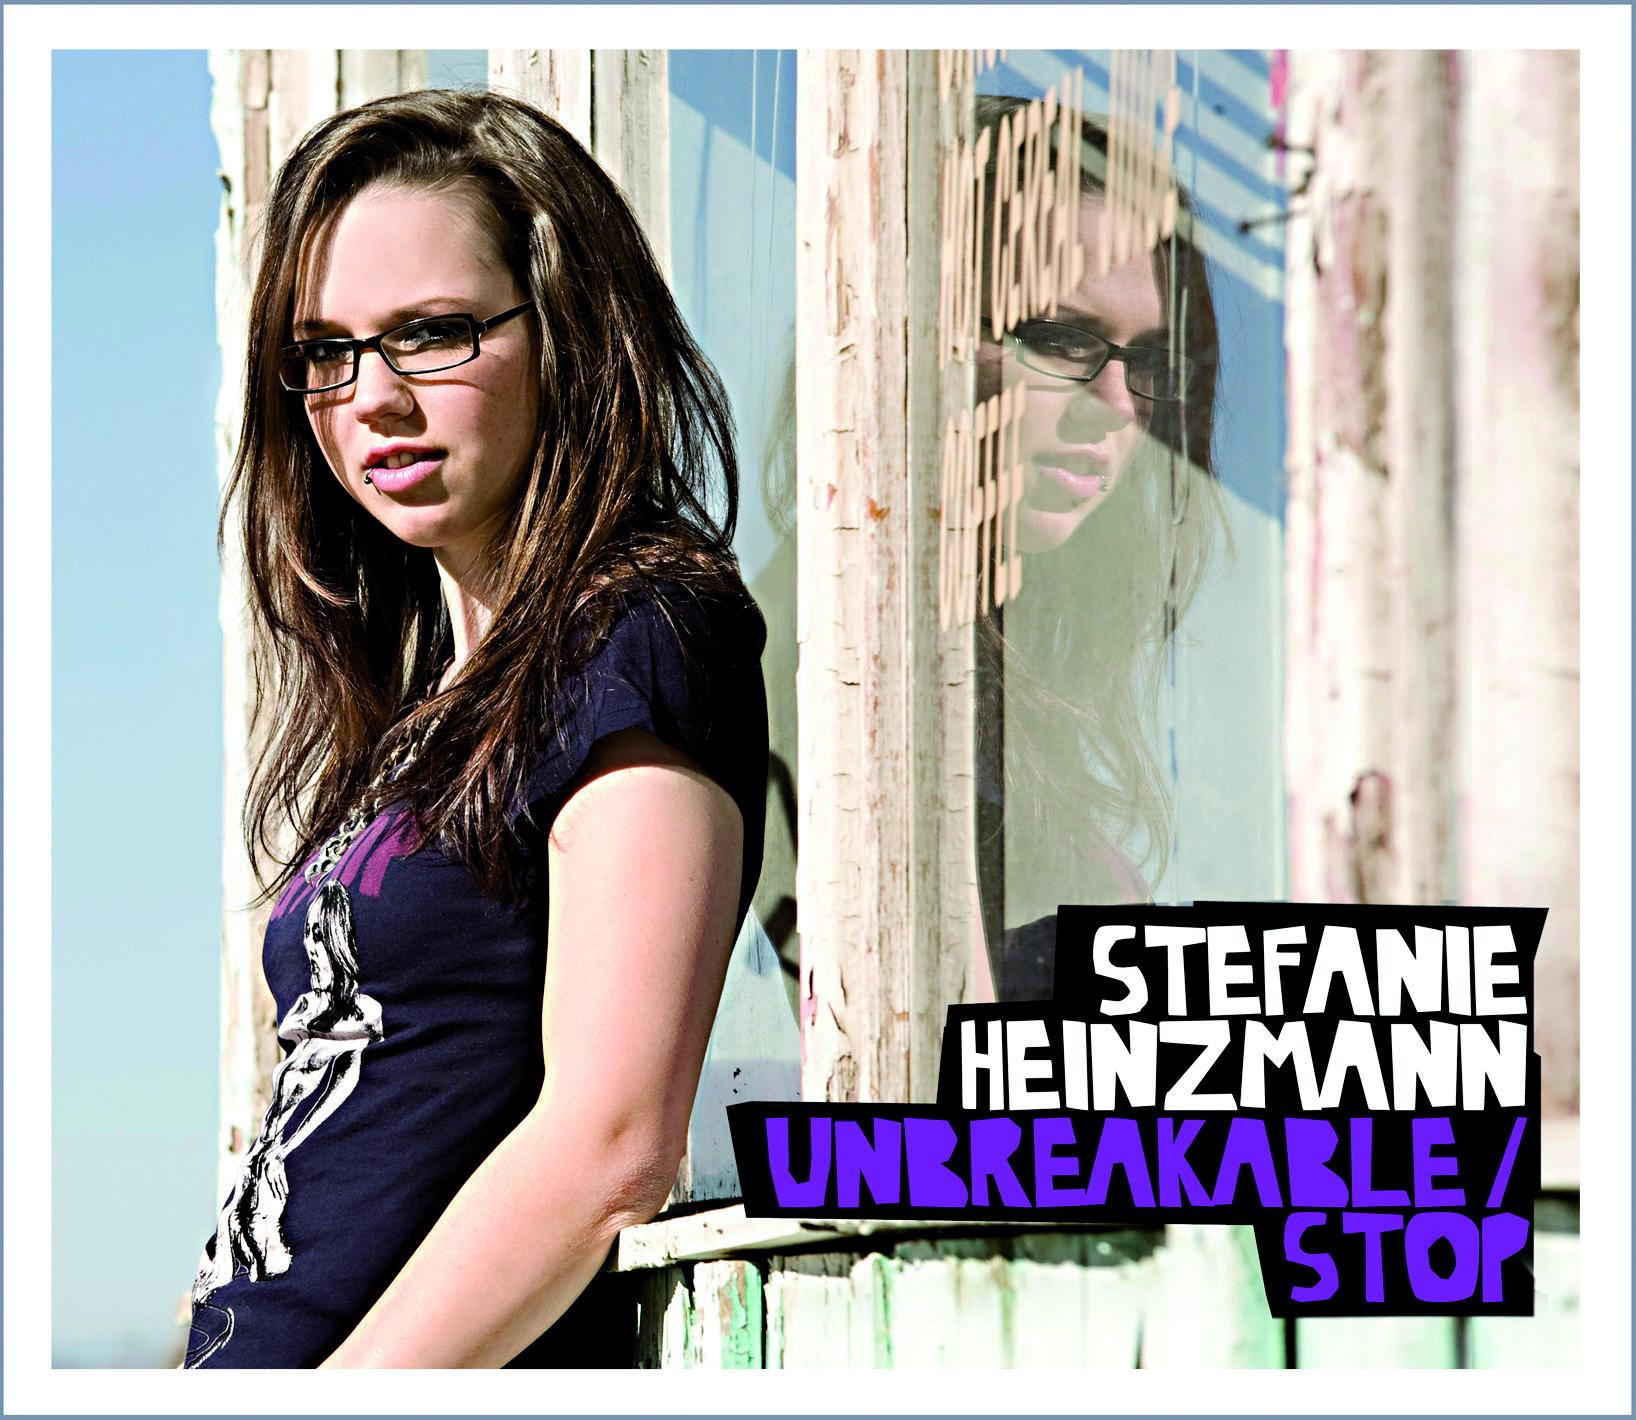 Stefanie Heinzmann Start